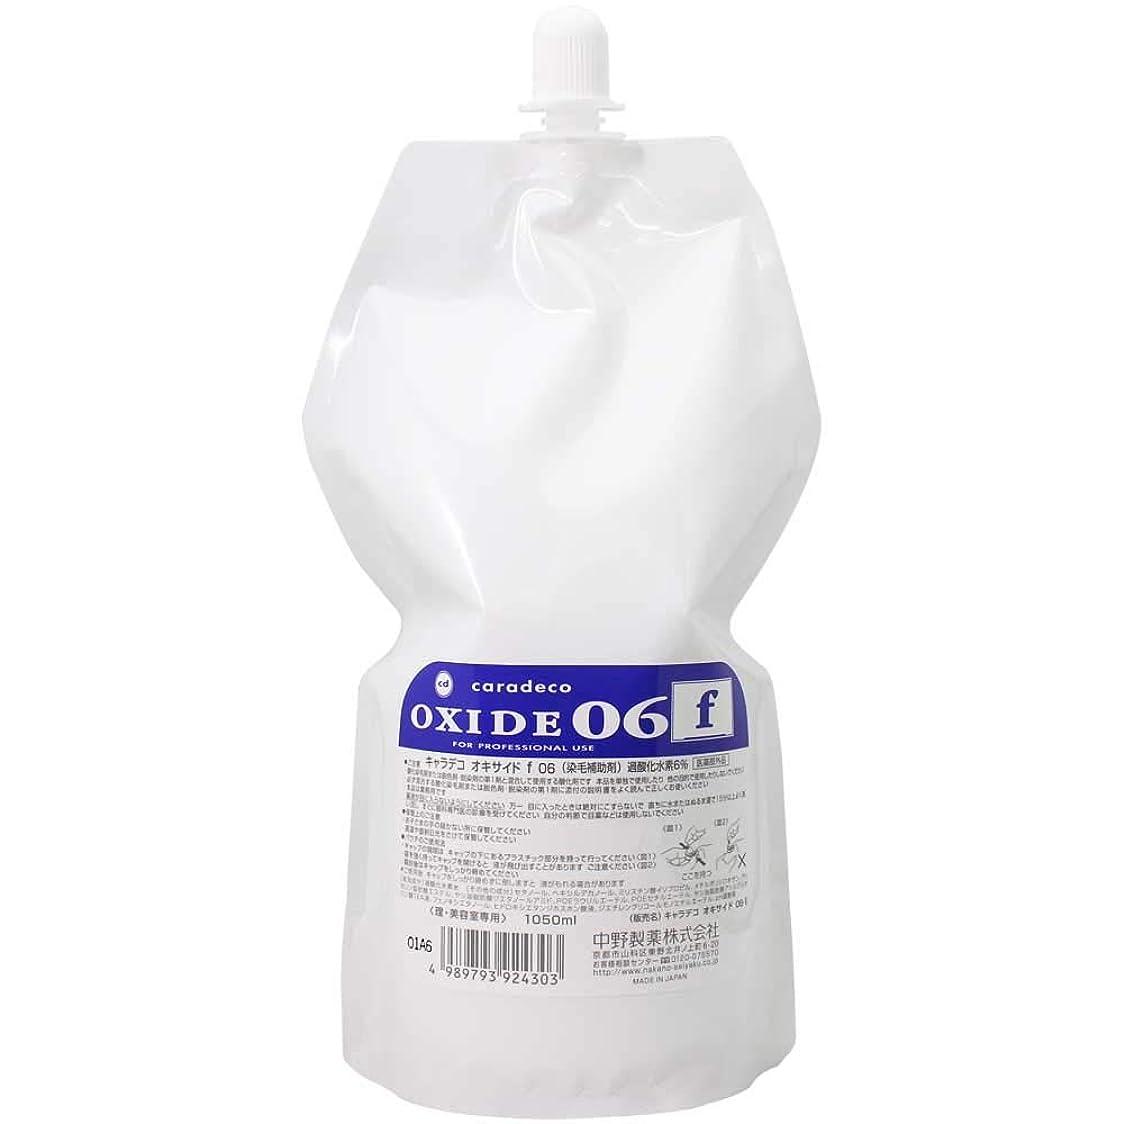 の量堀平野【ナカノ】キャラデコ オキサイドf 06 第2剤 (過酸化水素6%) 1050ml